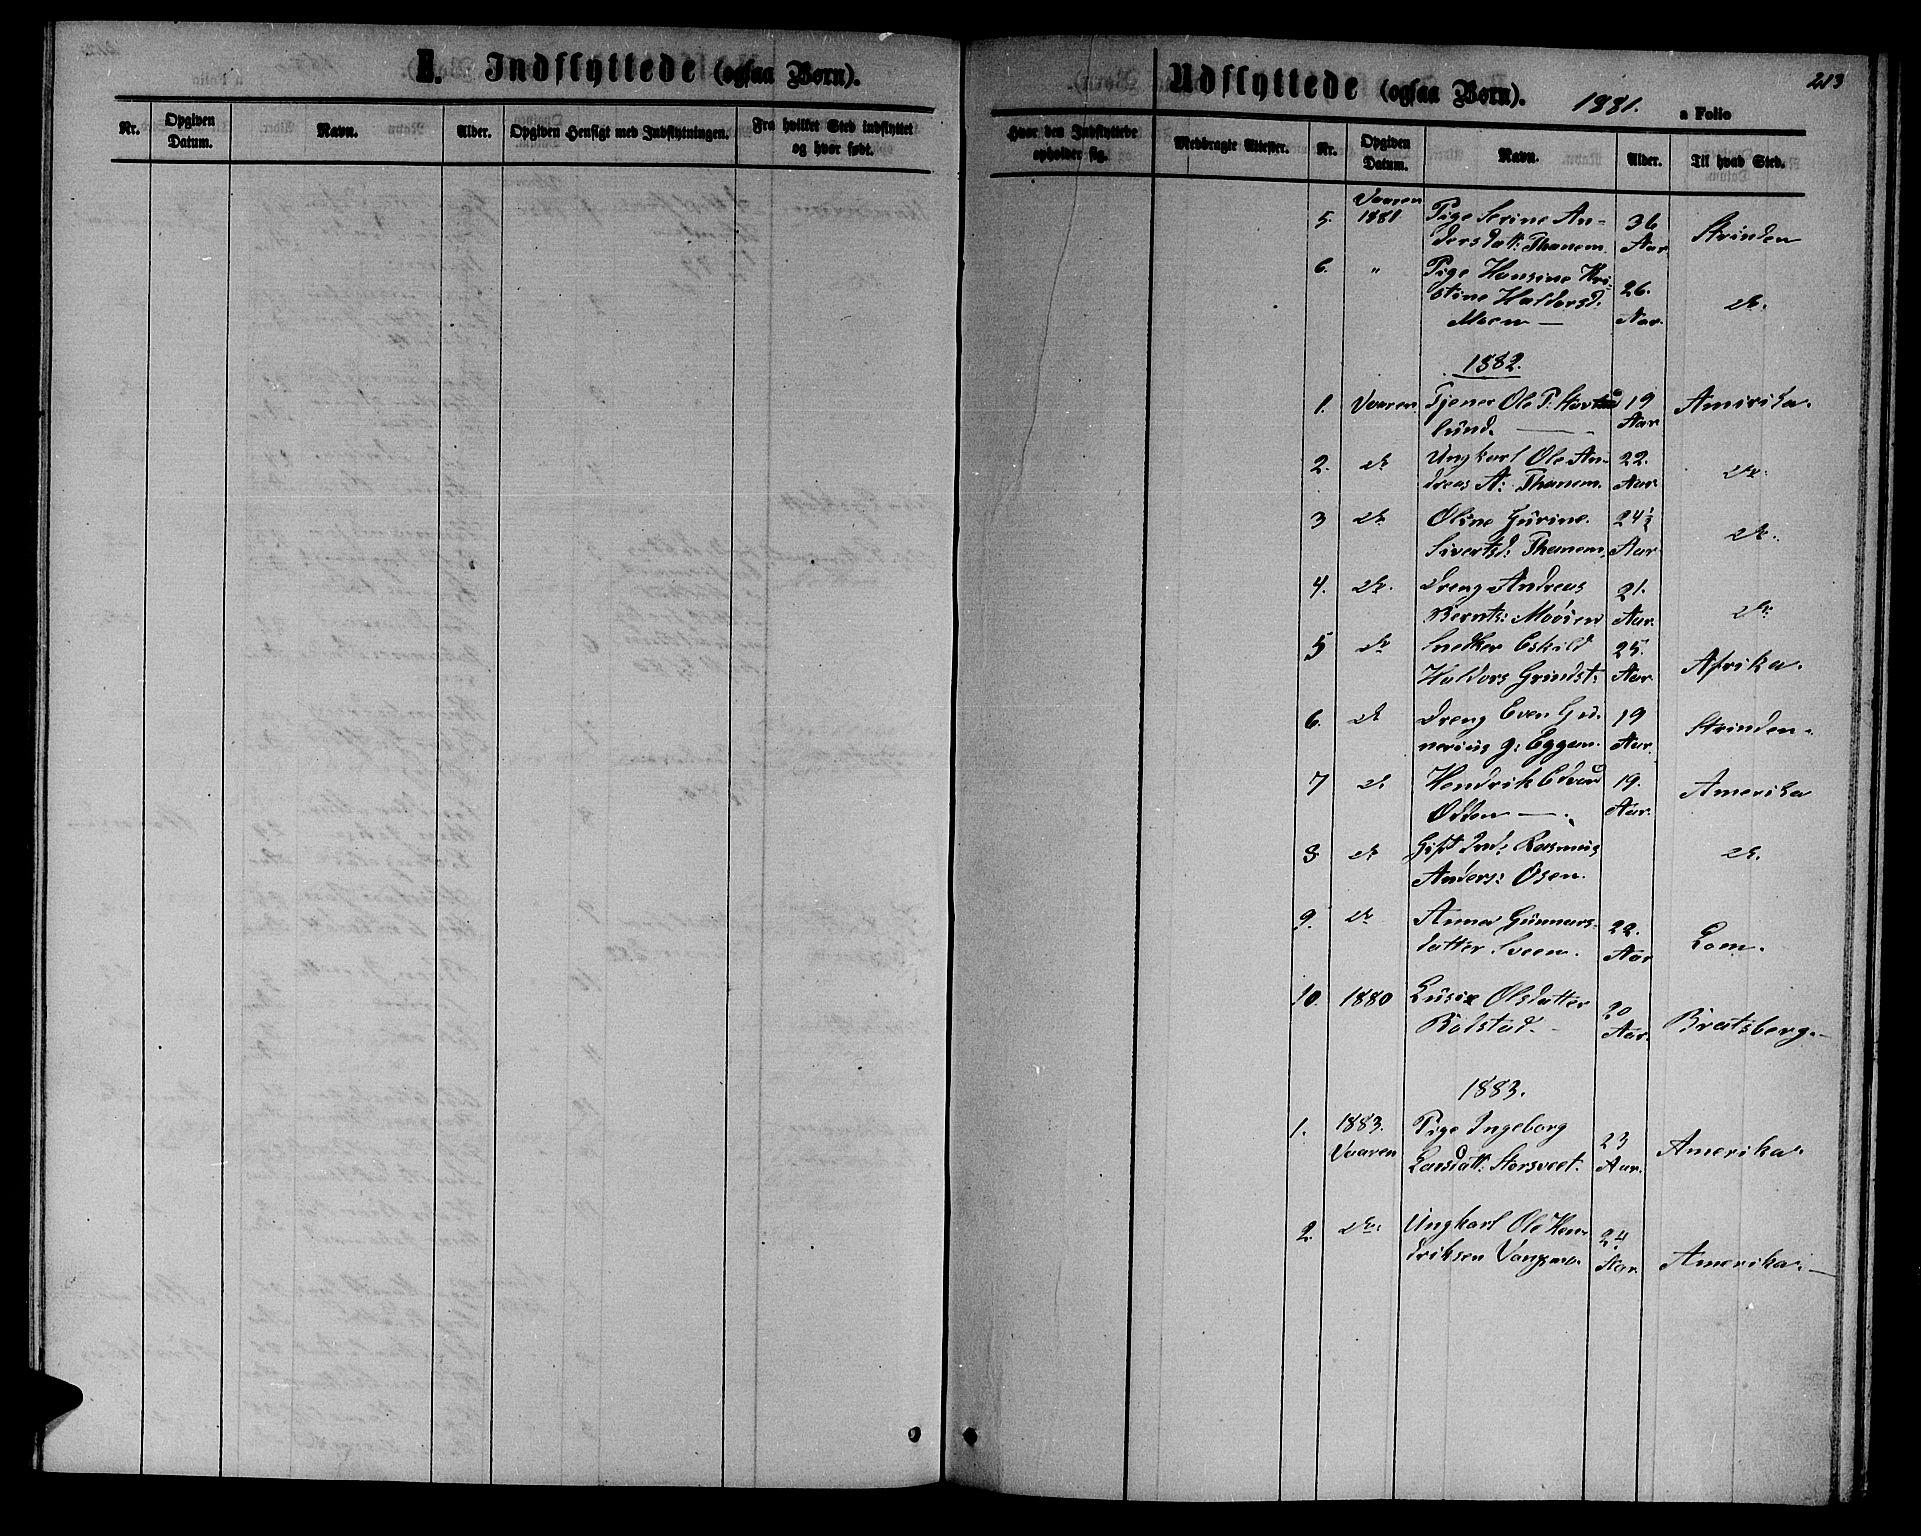 SAT, Ministerialprotokoller, klokkerbøker og fødselsregistre - Sør-Trøndelag, 618/L0451: Klokkerbok nr. 618C02, 1865-1883, s. 213